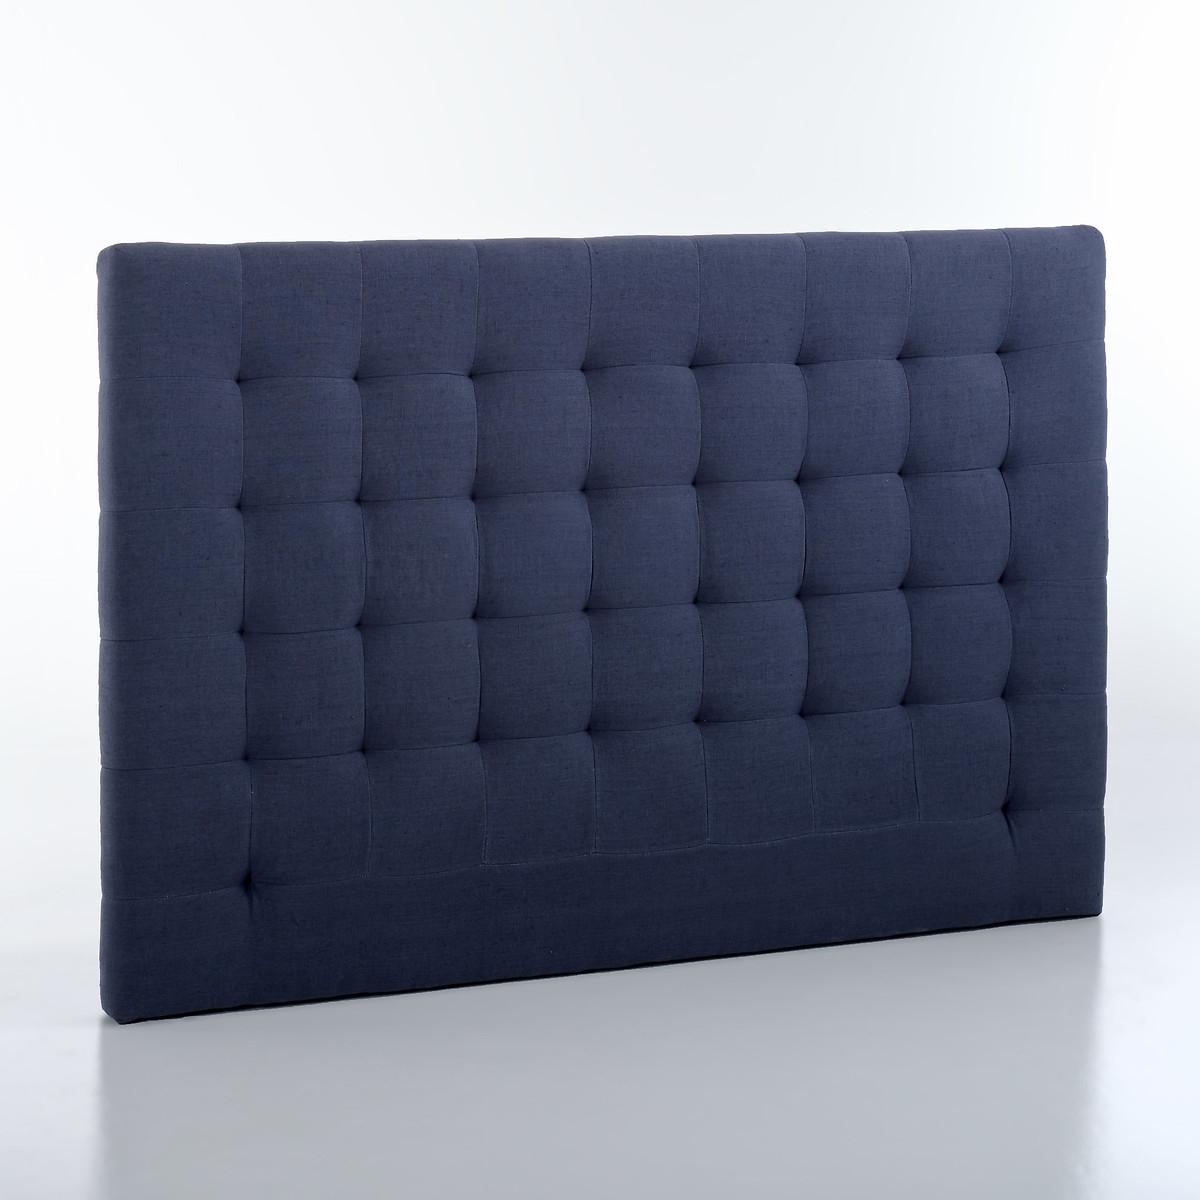 Изголовье LaRedoute Кровати с обивкой из осветленного льна В120 см SELVE 180 см синий кровати 160 см